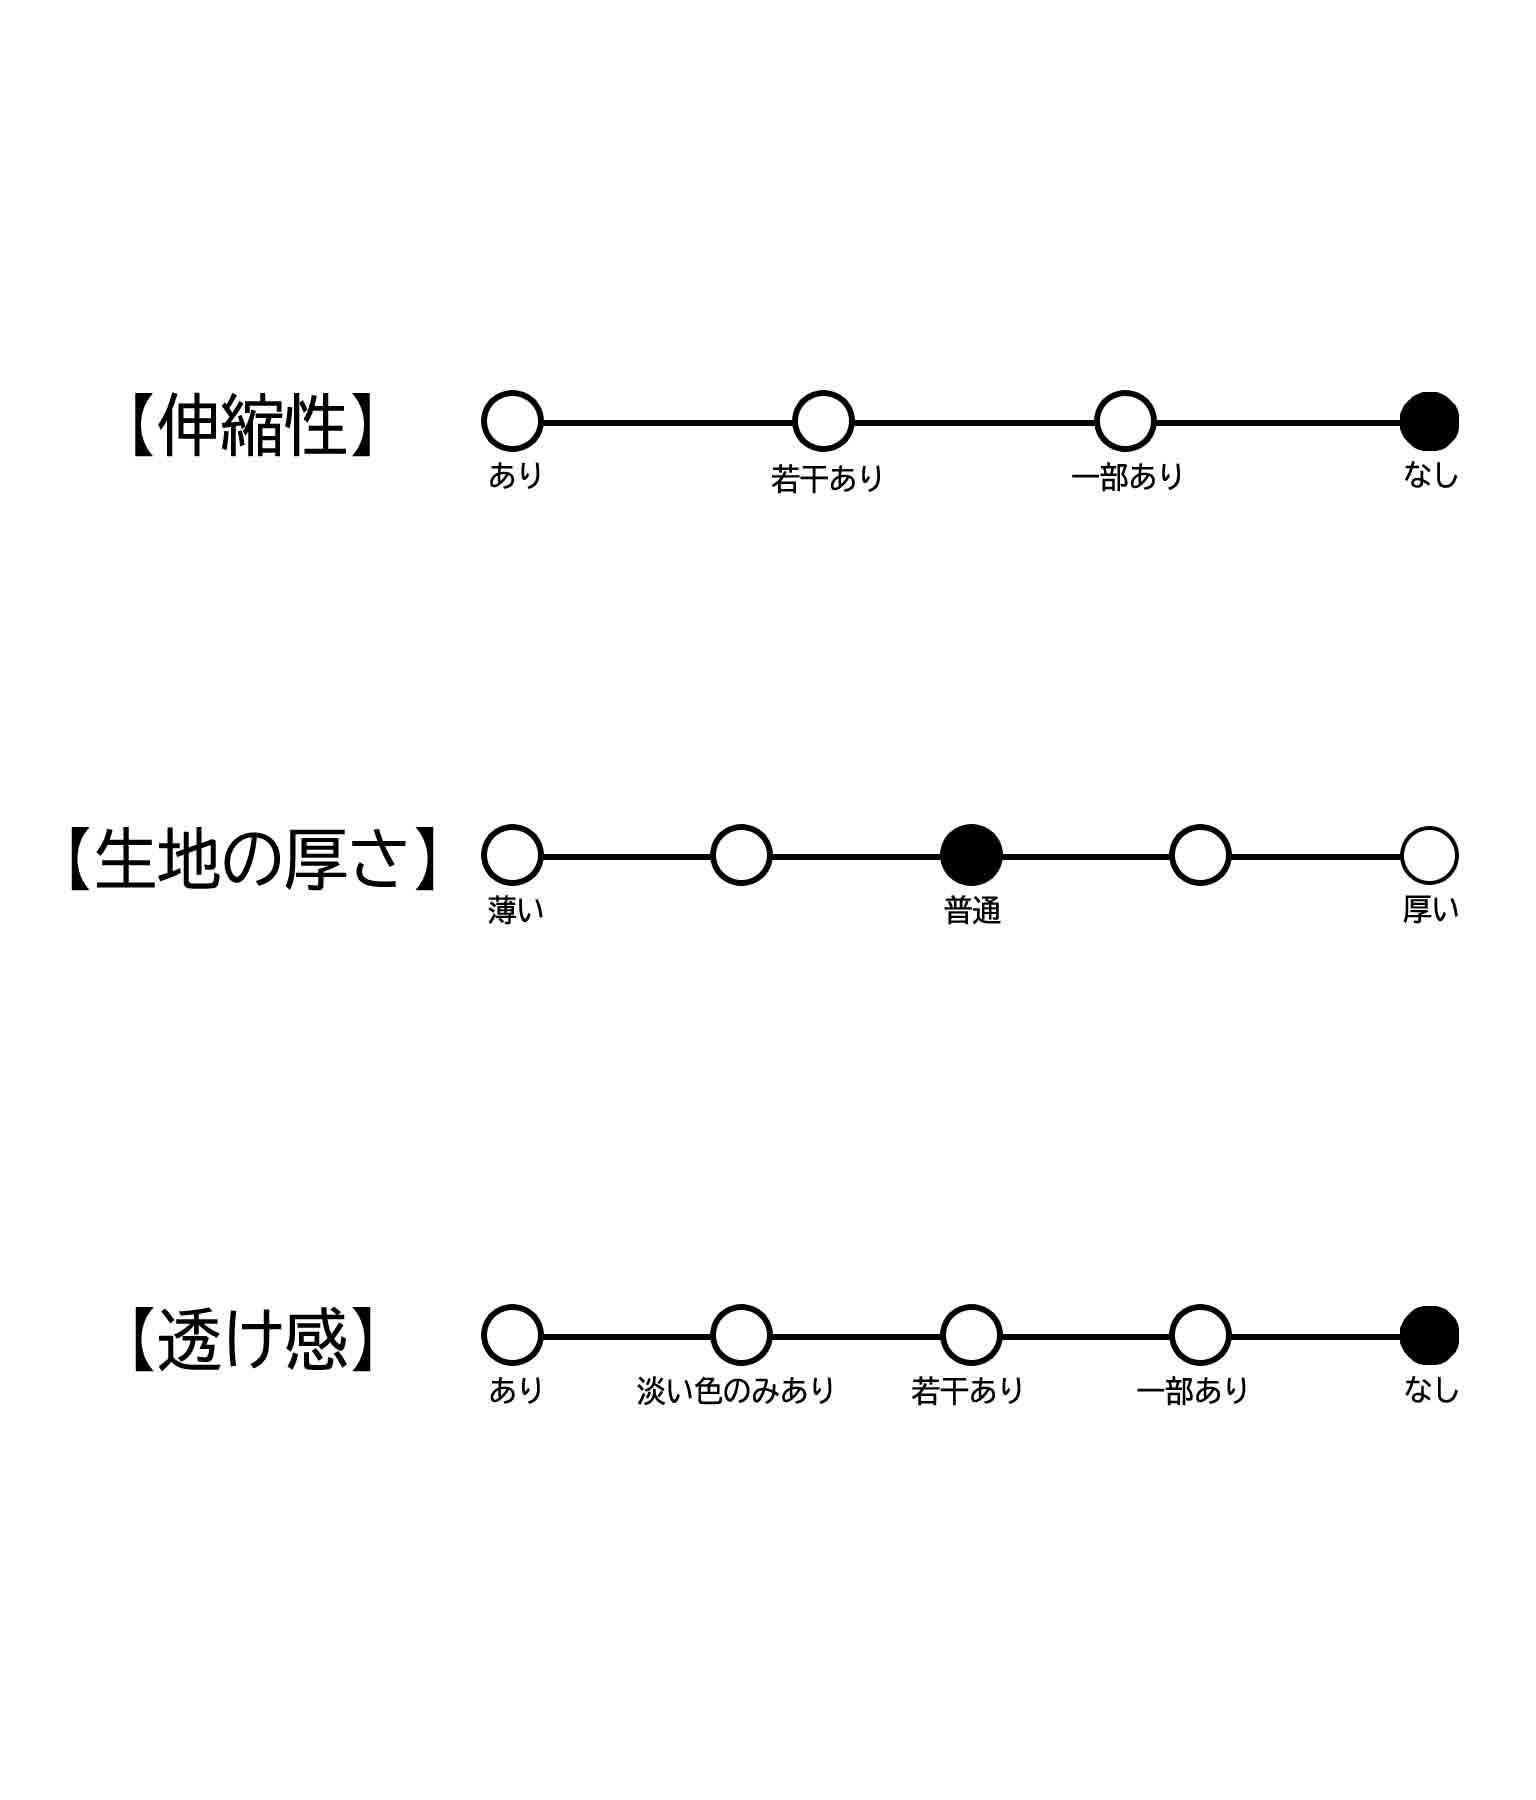 カットソー×リボンデザインビスチェ(トップス/ビスチェ・カットソー ) | CHILLE